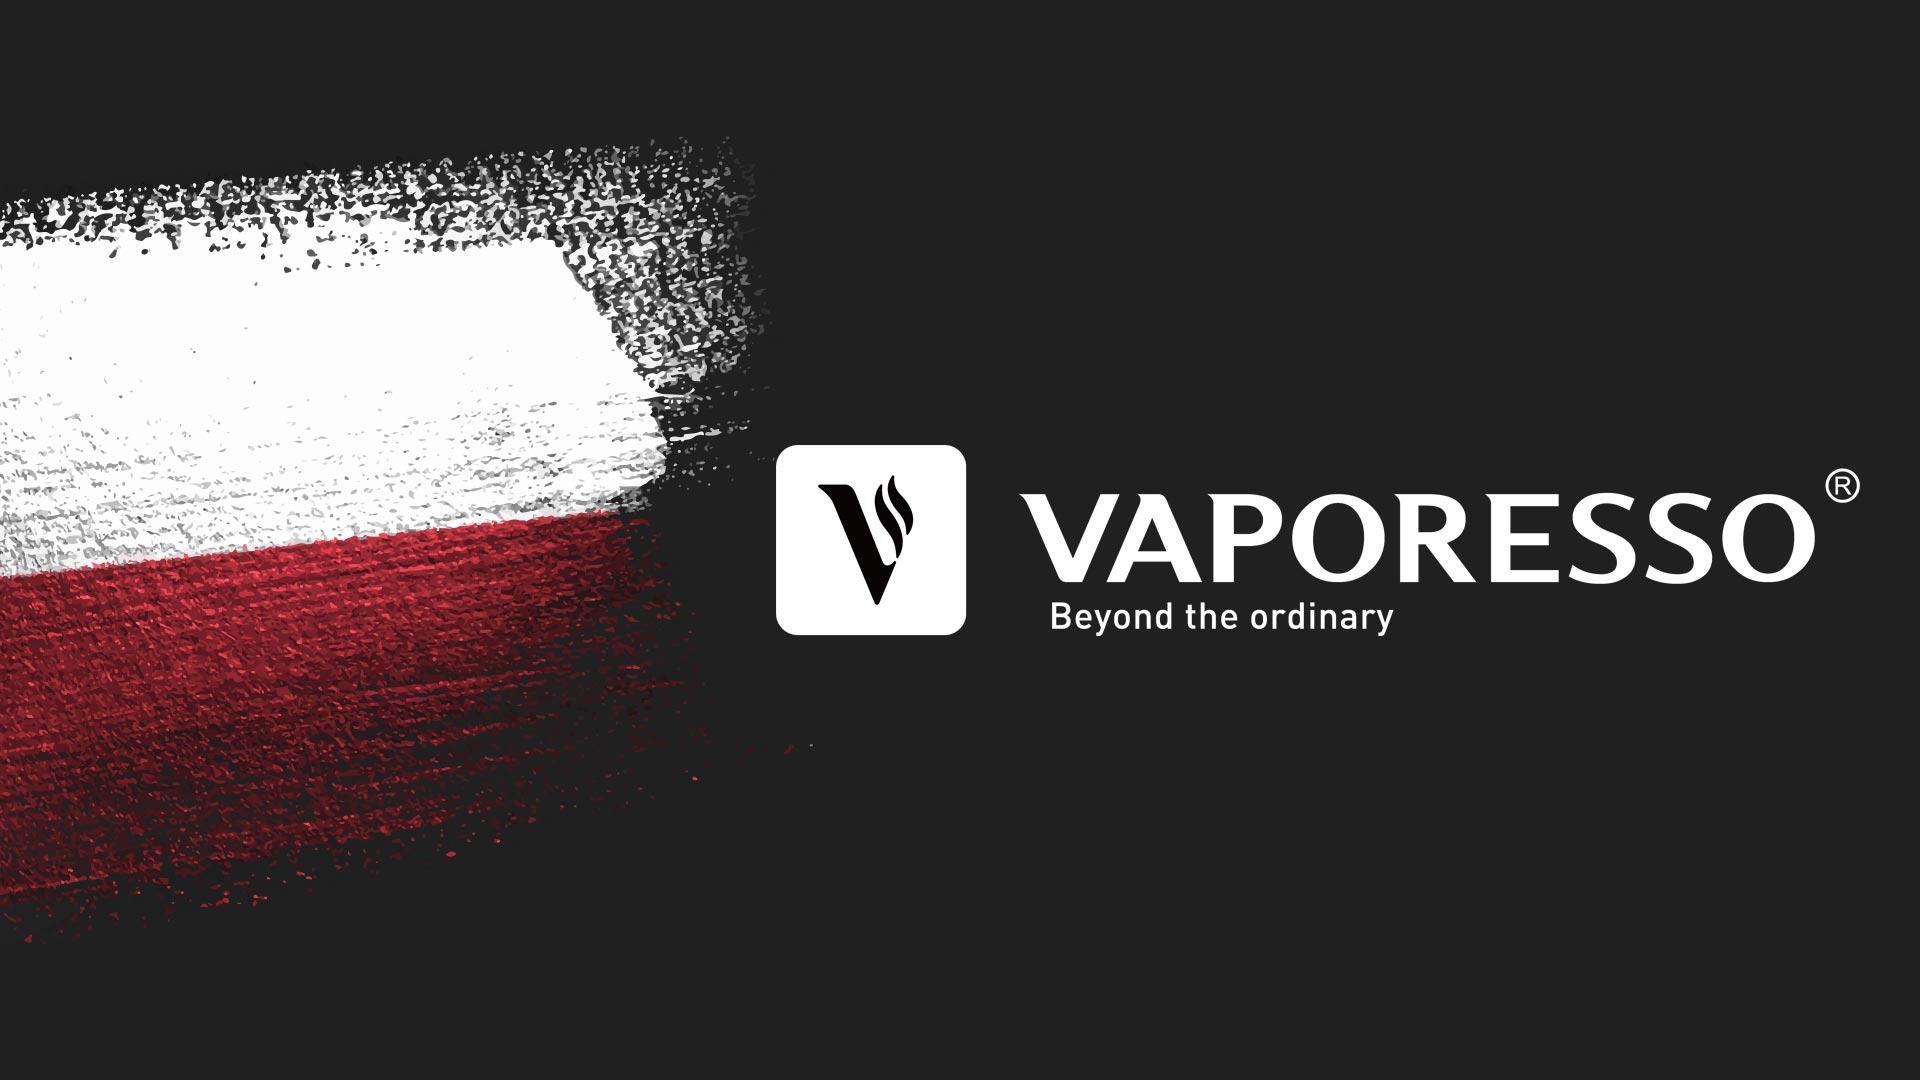 vaporesso polska